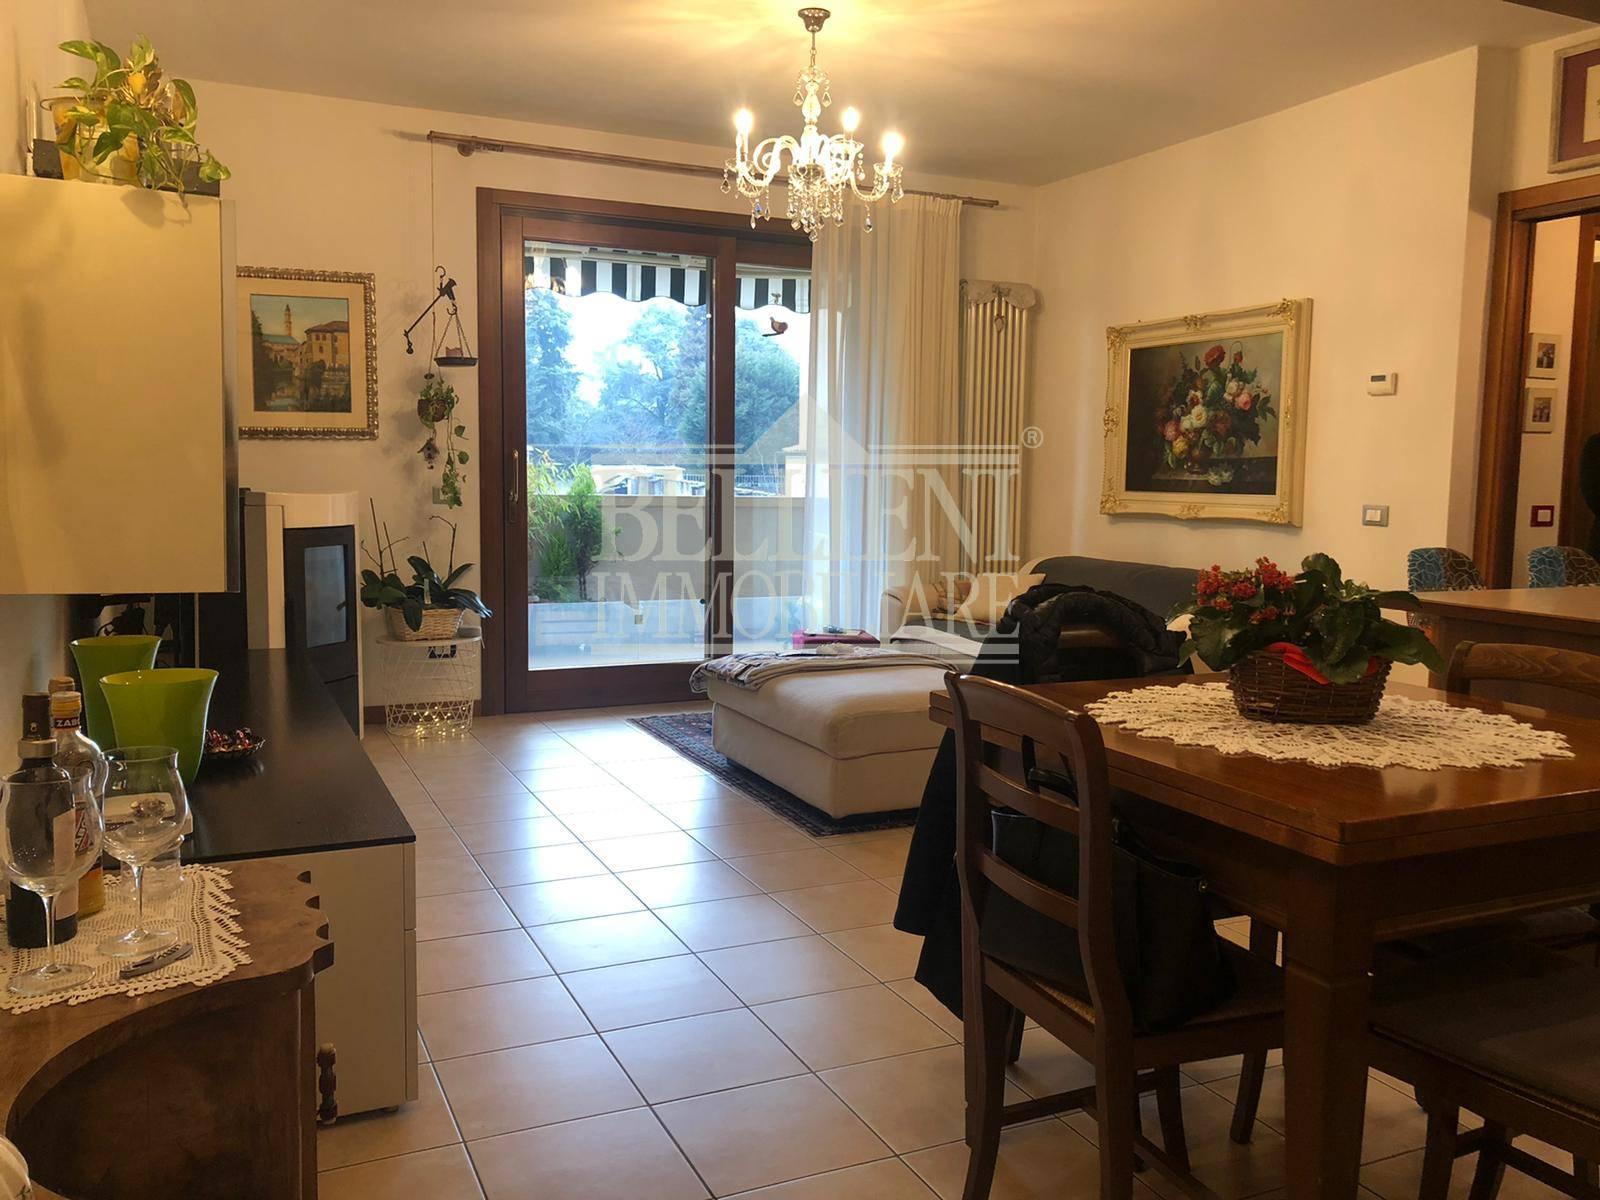 Appartamento in vendita a Vicenza, 4 locali, zona Località: Stadio-BorgoCasale-VialeMargherita, prezzo € 158.000 | CambioCasa.it